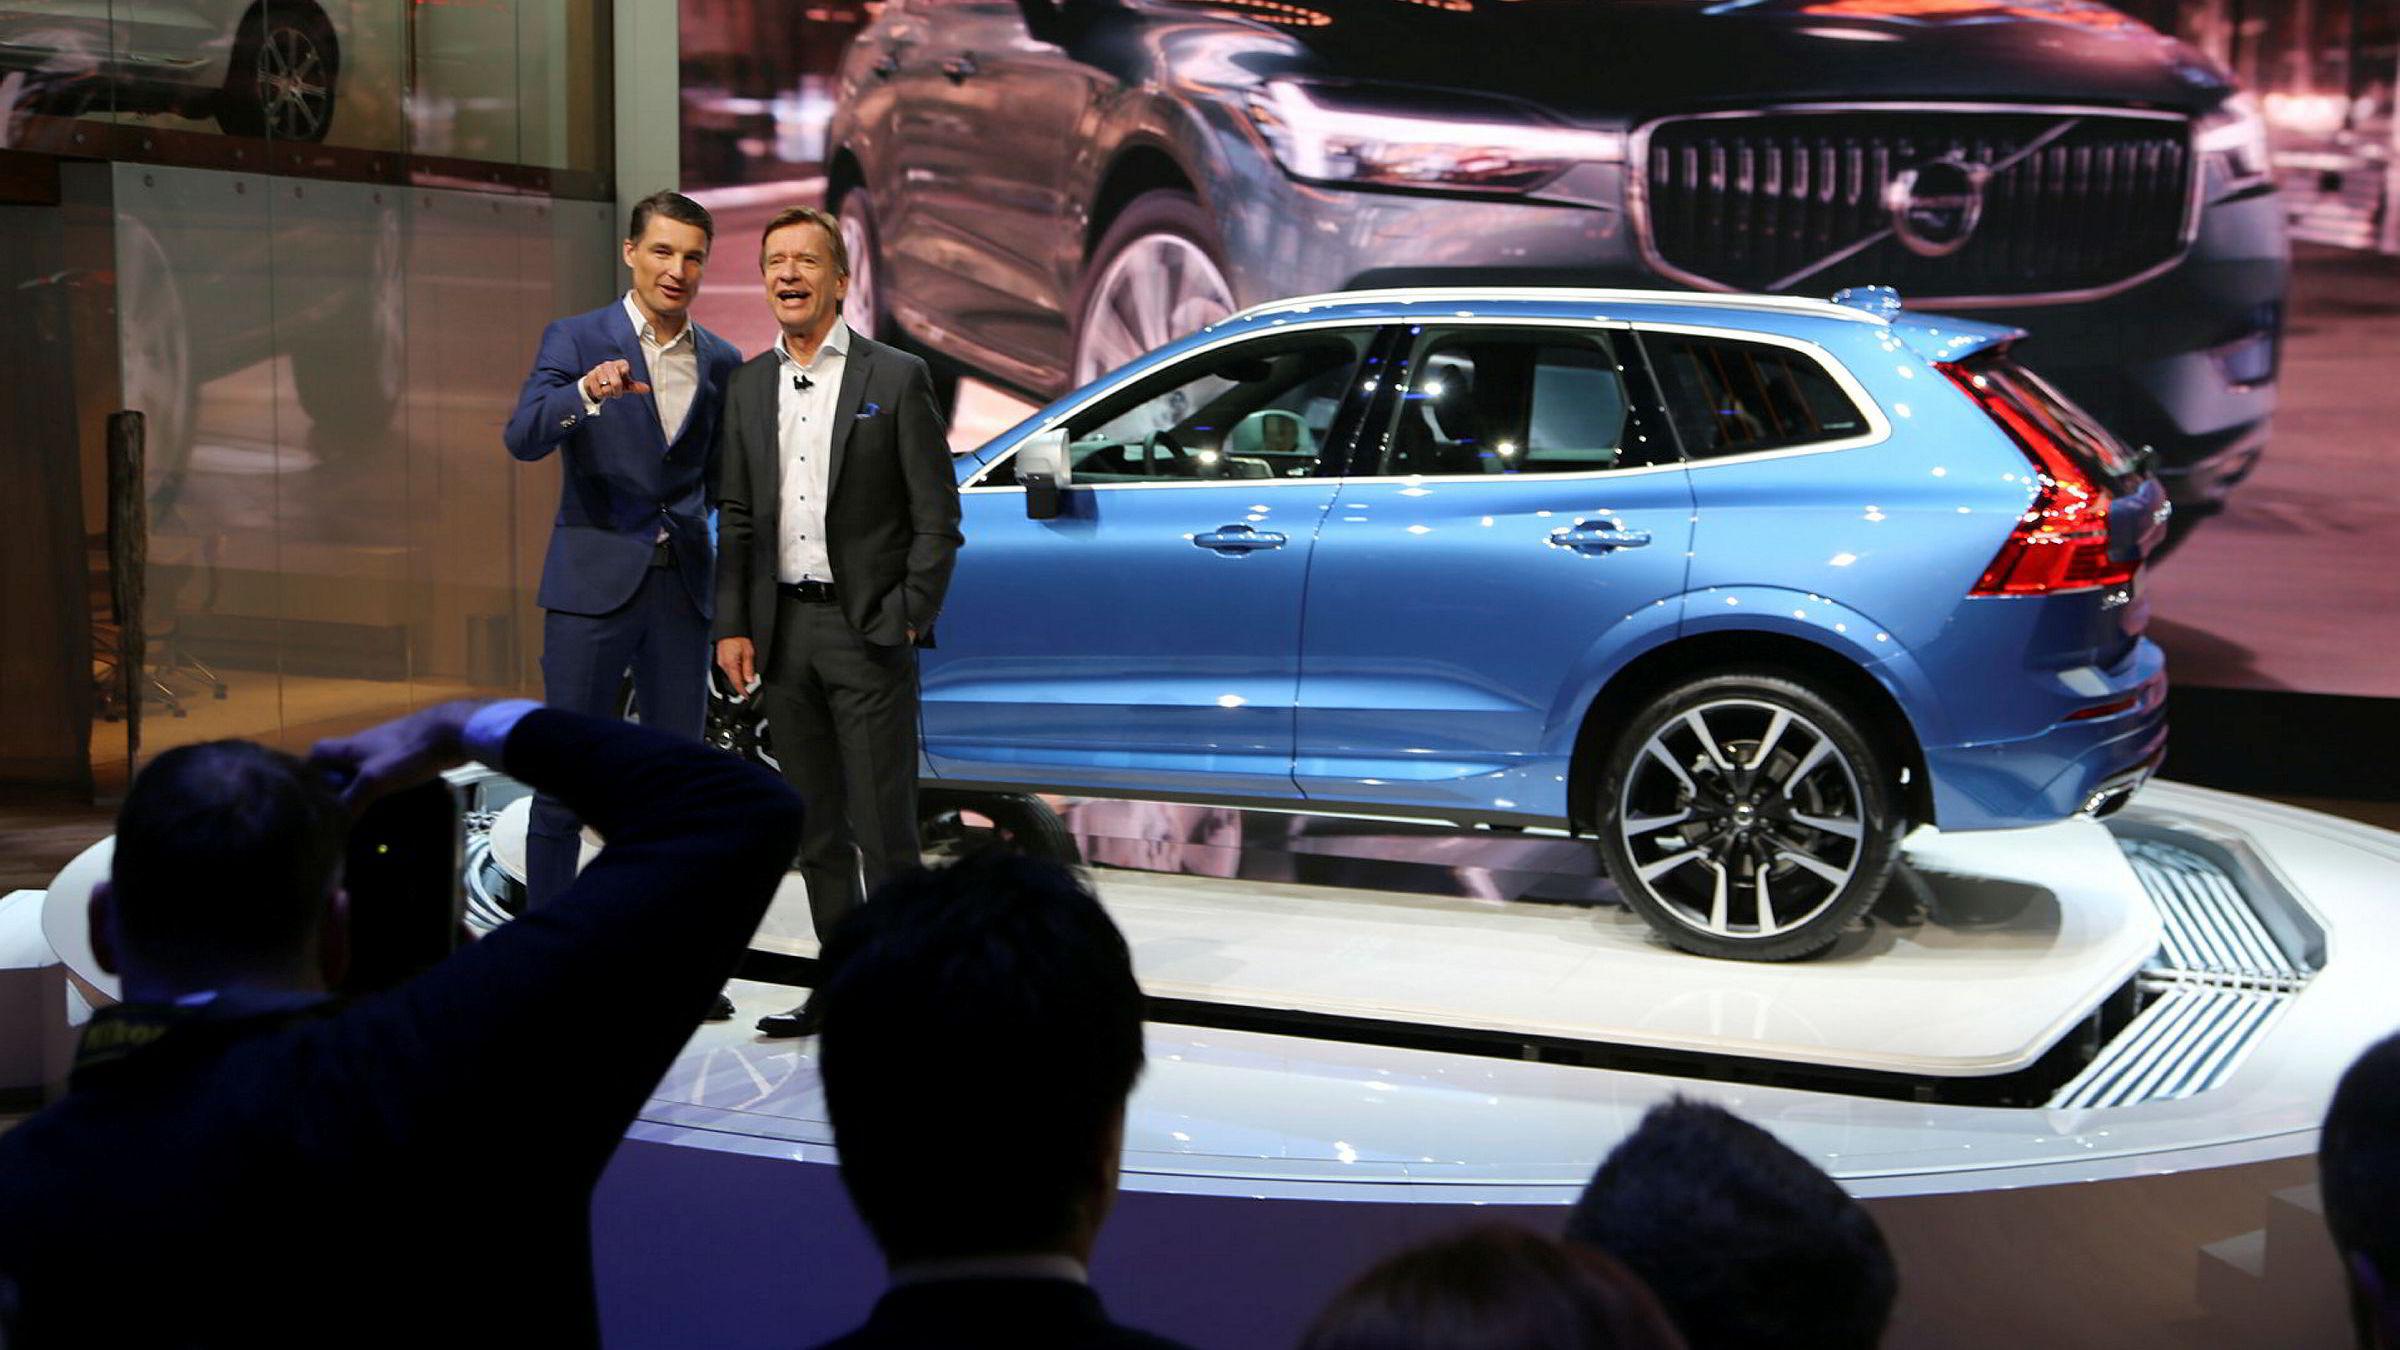 Sjefdesigner Thomas Ingenlath (til venstre) og toppsjef Håkan Samuelsson i Volvo presenterer nye XC60 på bilutstillingen i Genève. – For inntjeningen er dette en svært viktig modell for Volvo, sier Samuelsson.